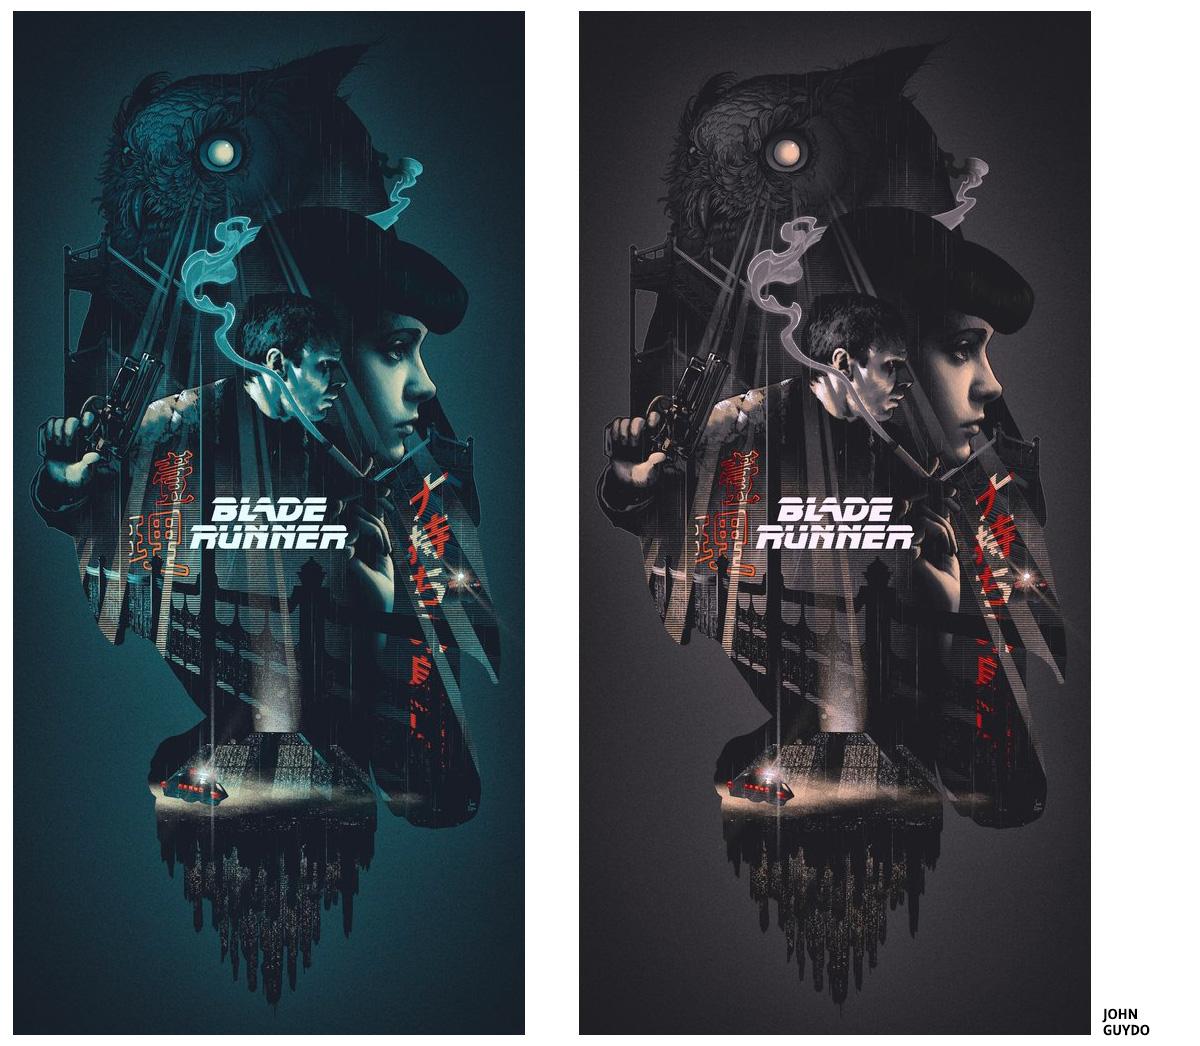 Blade Runner by John Guydo Screen print